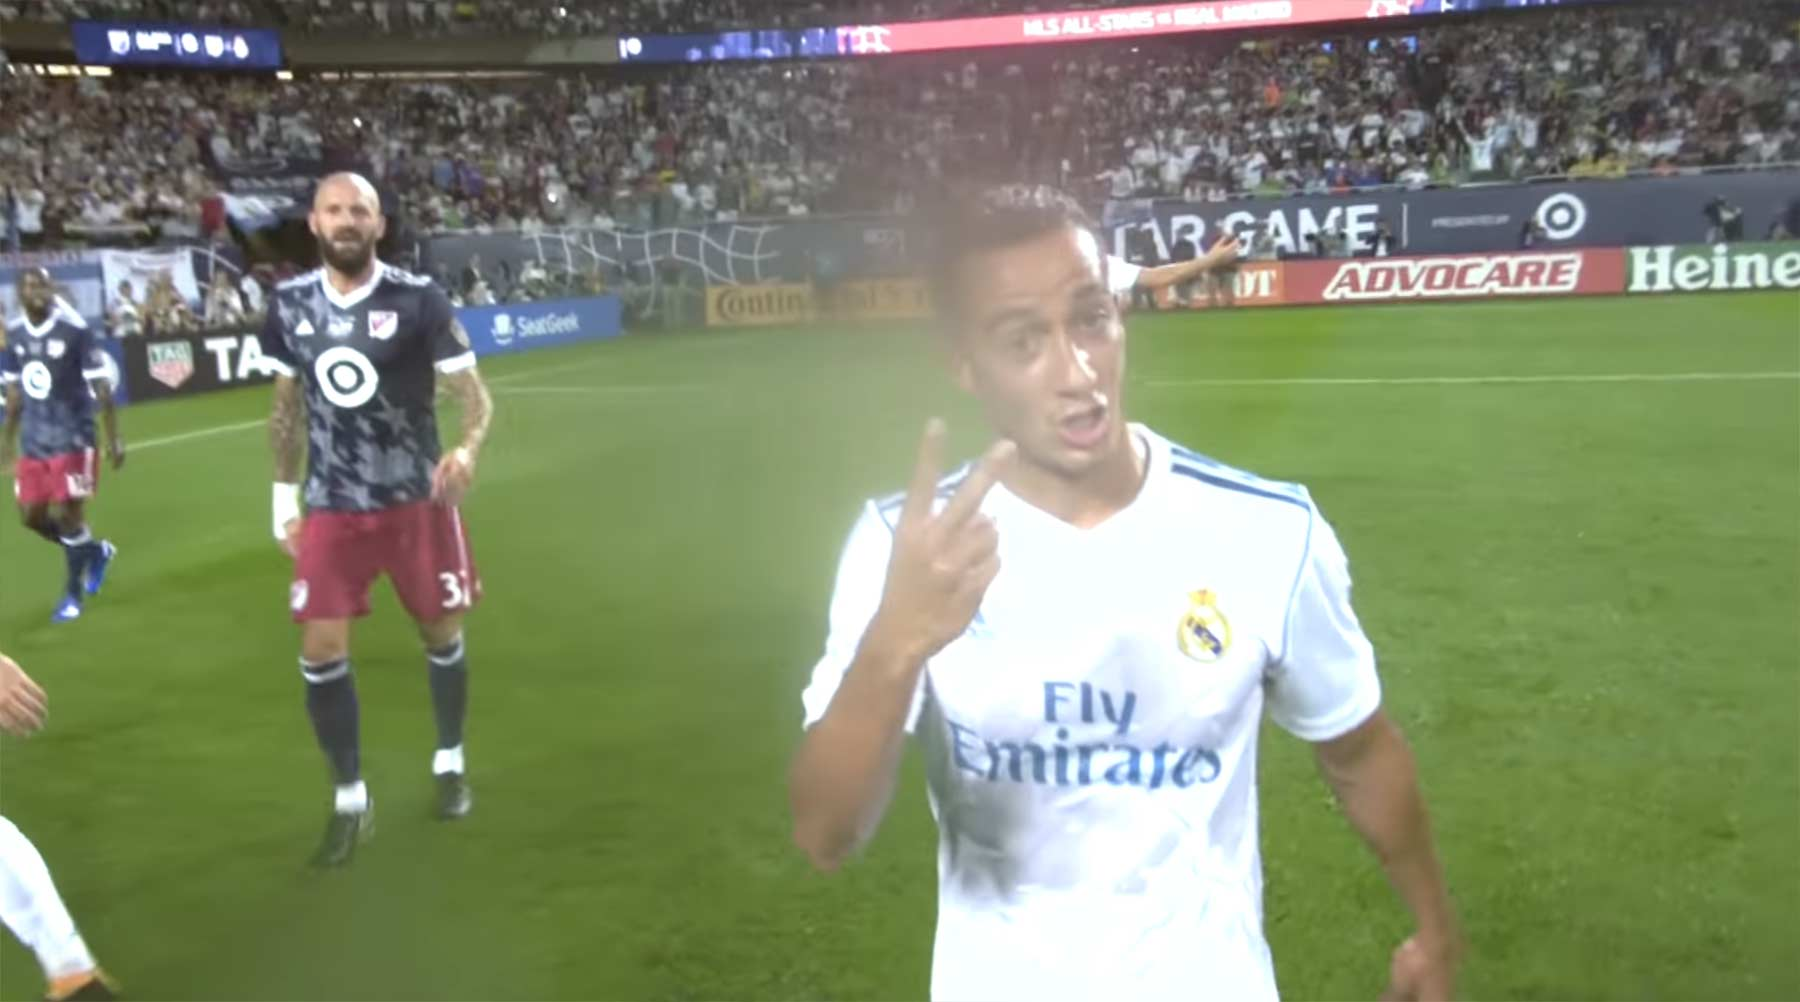 Fußballspiel aus der Sicht des Schiedsrichters ref-cam-msl-allstar-real-madrid-fussball-schiedsrichter-kamera